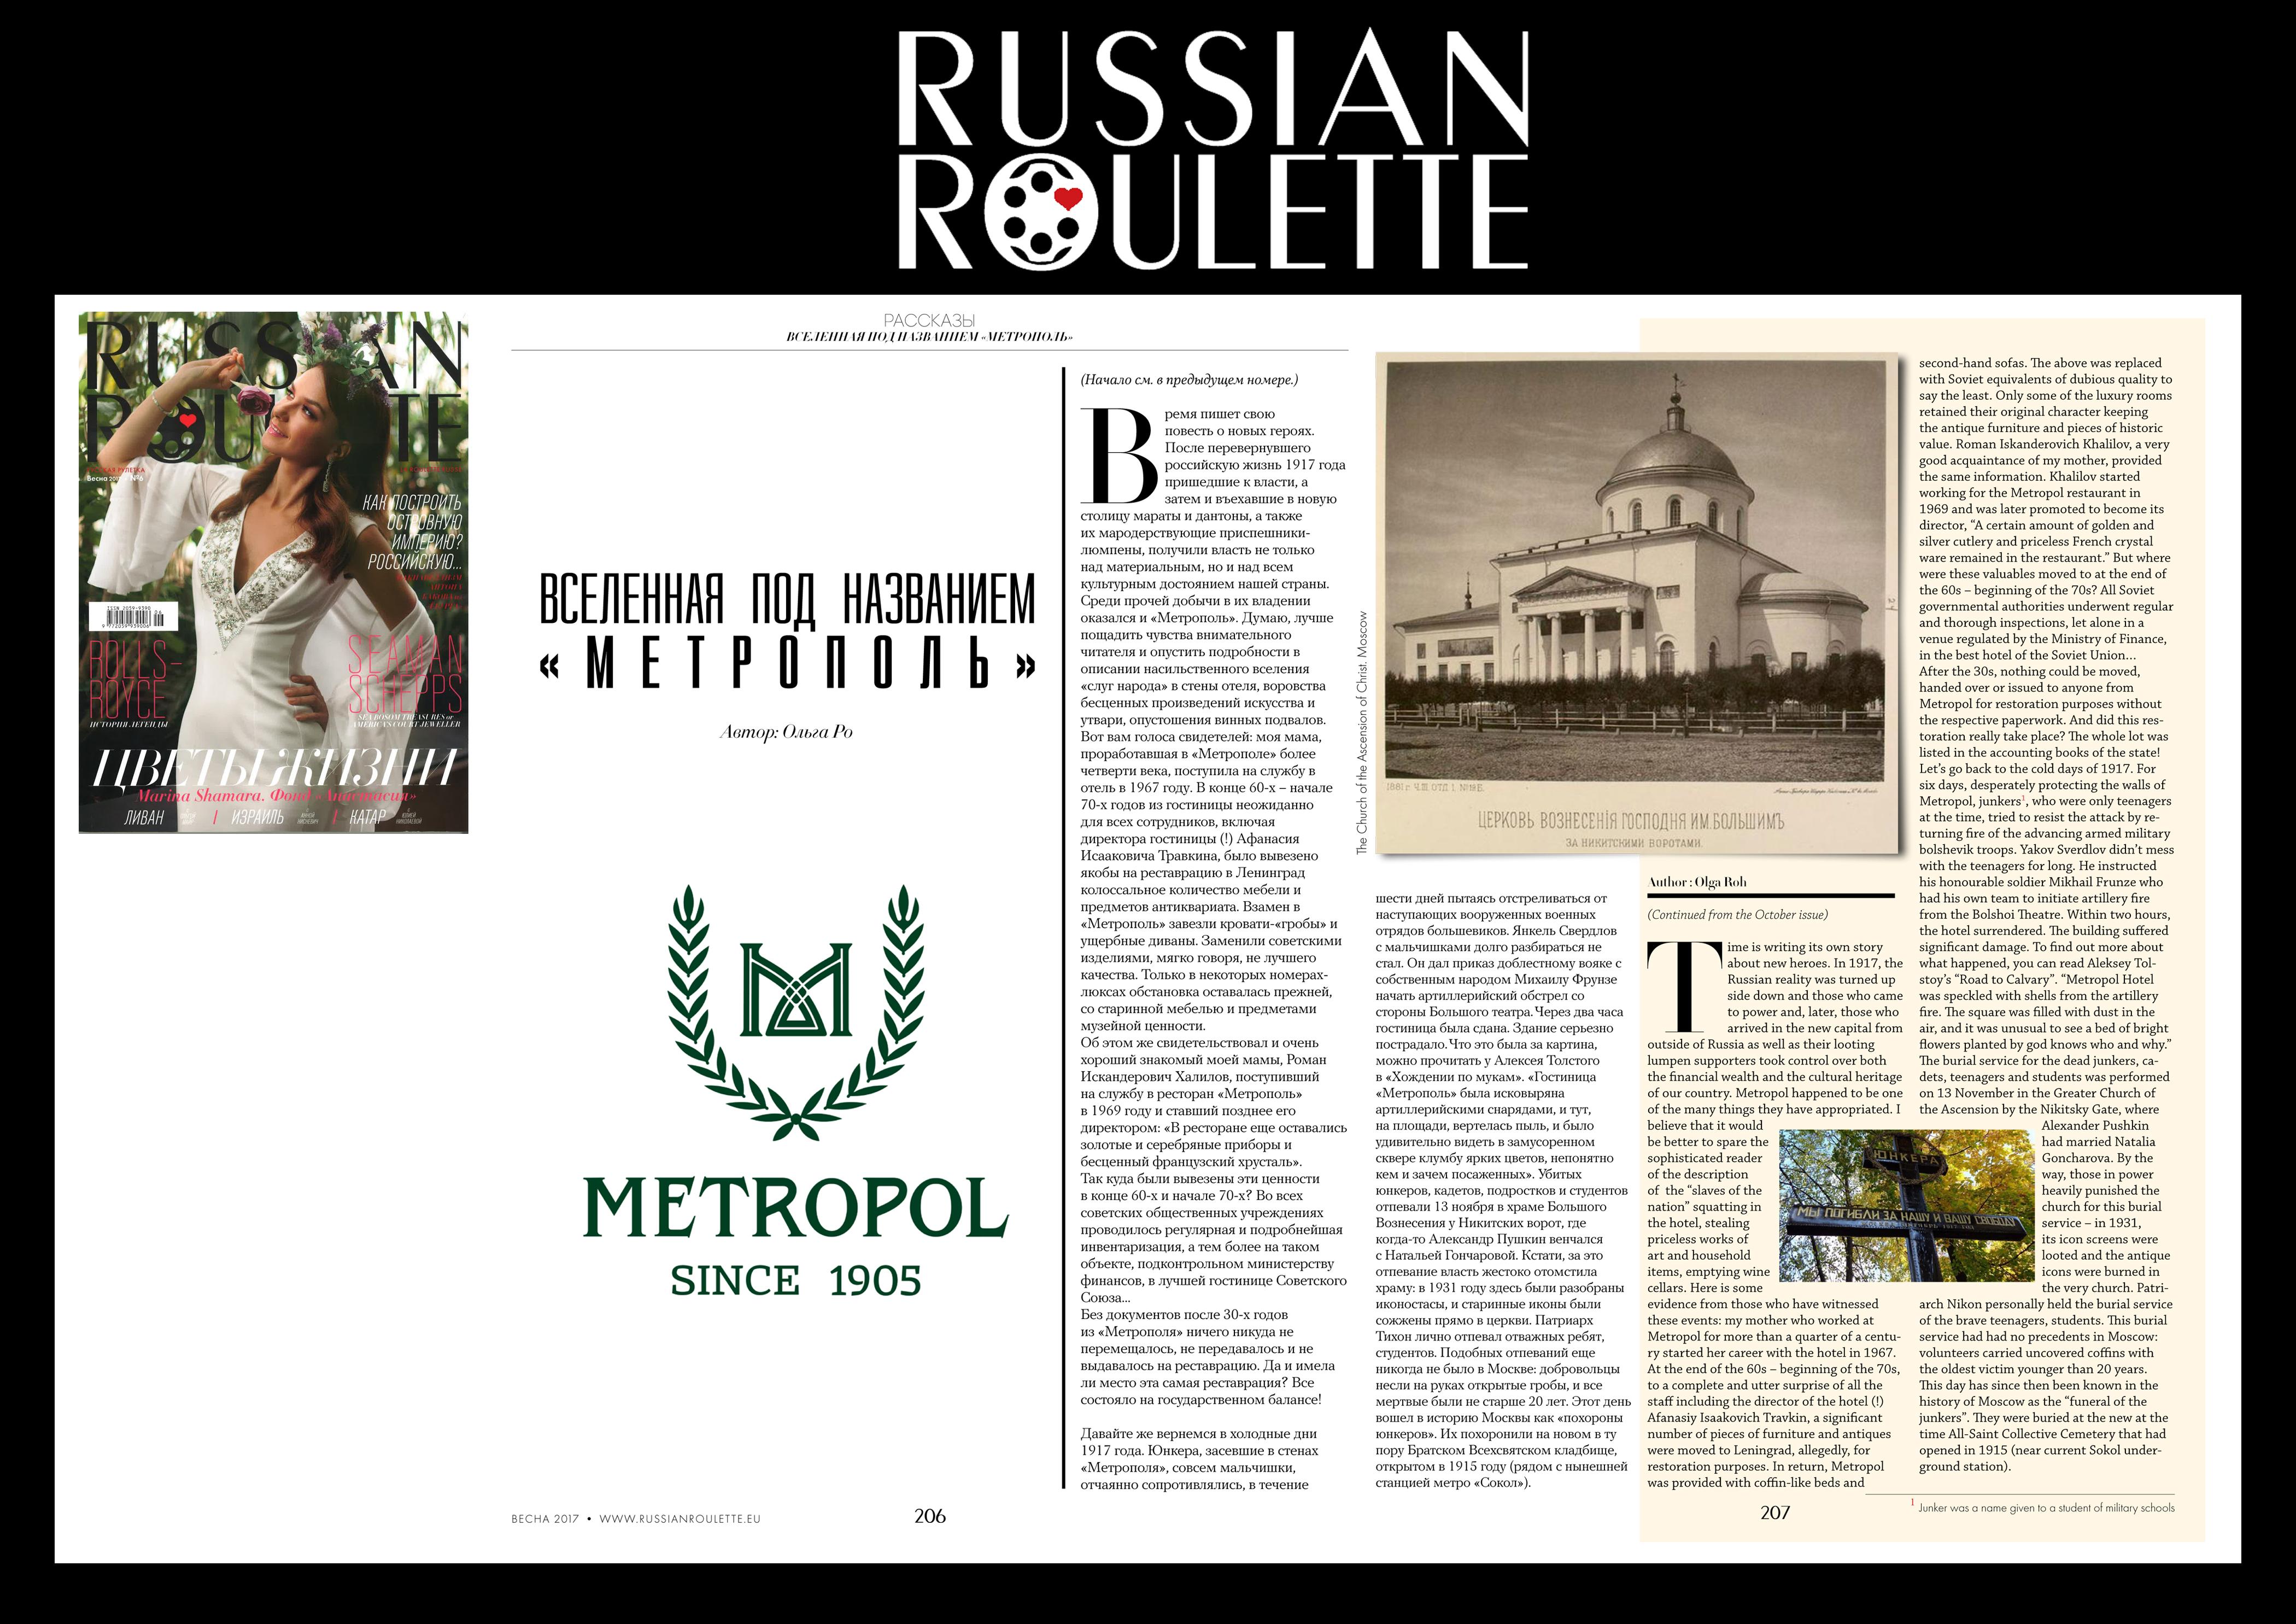 RUSSIAN ROULETTE METROPOLE 3-1